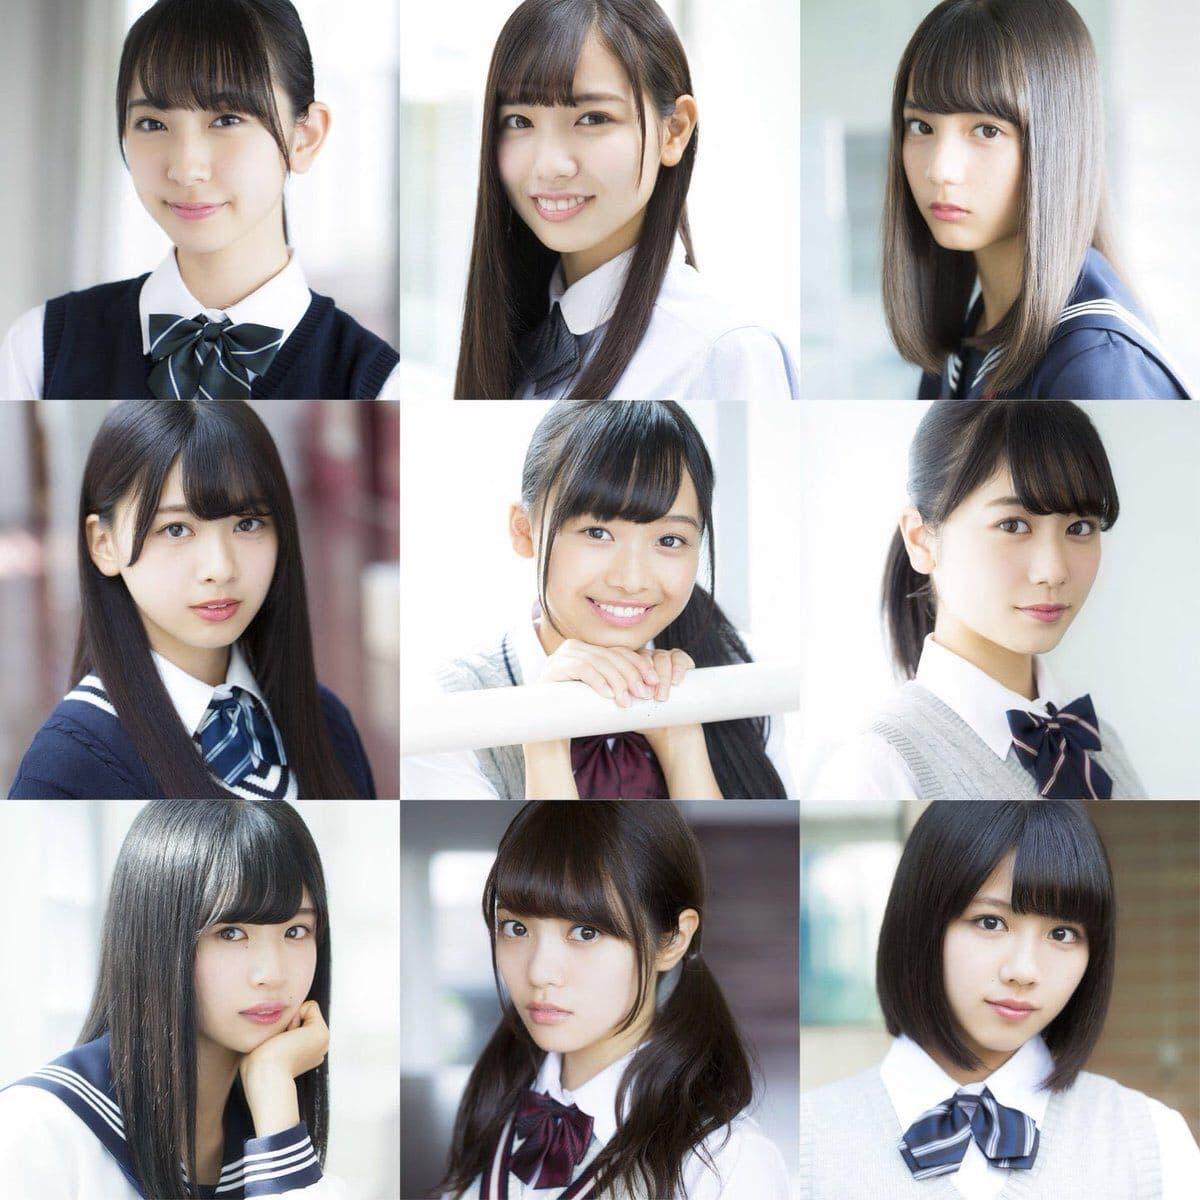 Keyakizaka46] Summary of Keyakizaka46 members 1st photos